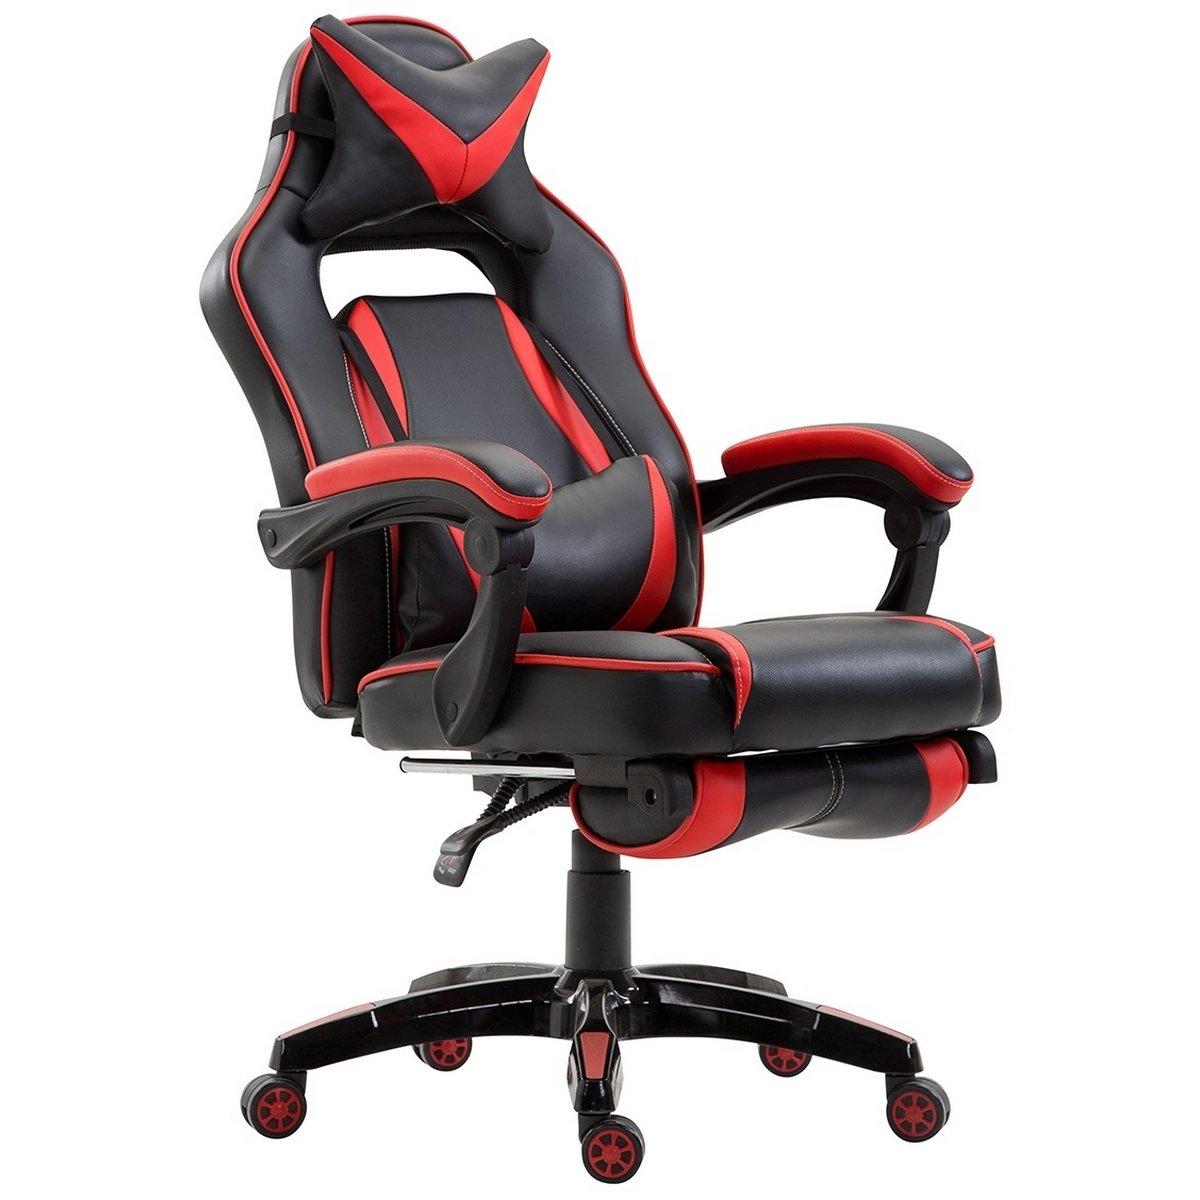 Delman XXL Racing B/ürostuhl Schreibtischstuhl Gaming Chair Drehstuhl H/öhenverstellbar mit Fu/ßst/ütze Fu/ßablage mit Armlehnen Chefsessel Gro/ße Sitzfl/äche Dicke Polsterung 11 cm RS0019BU